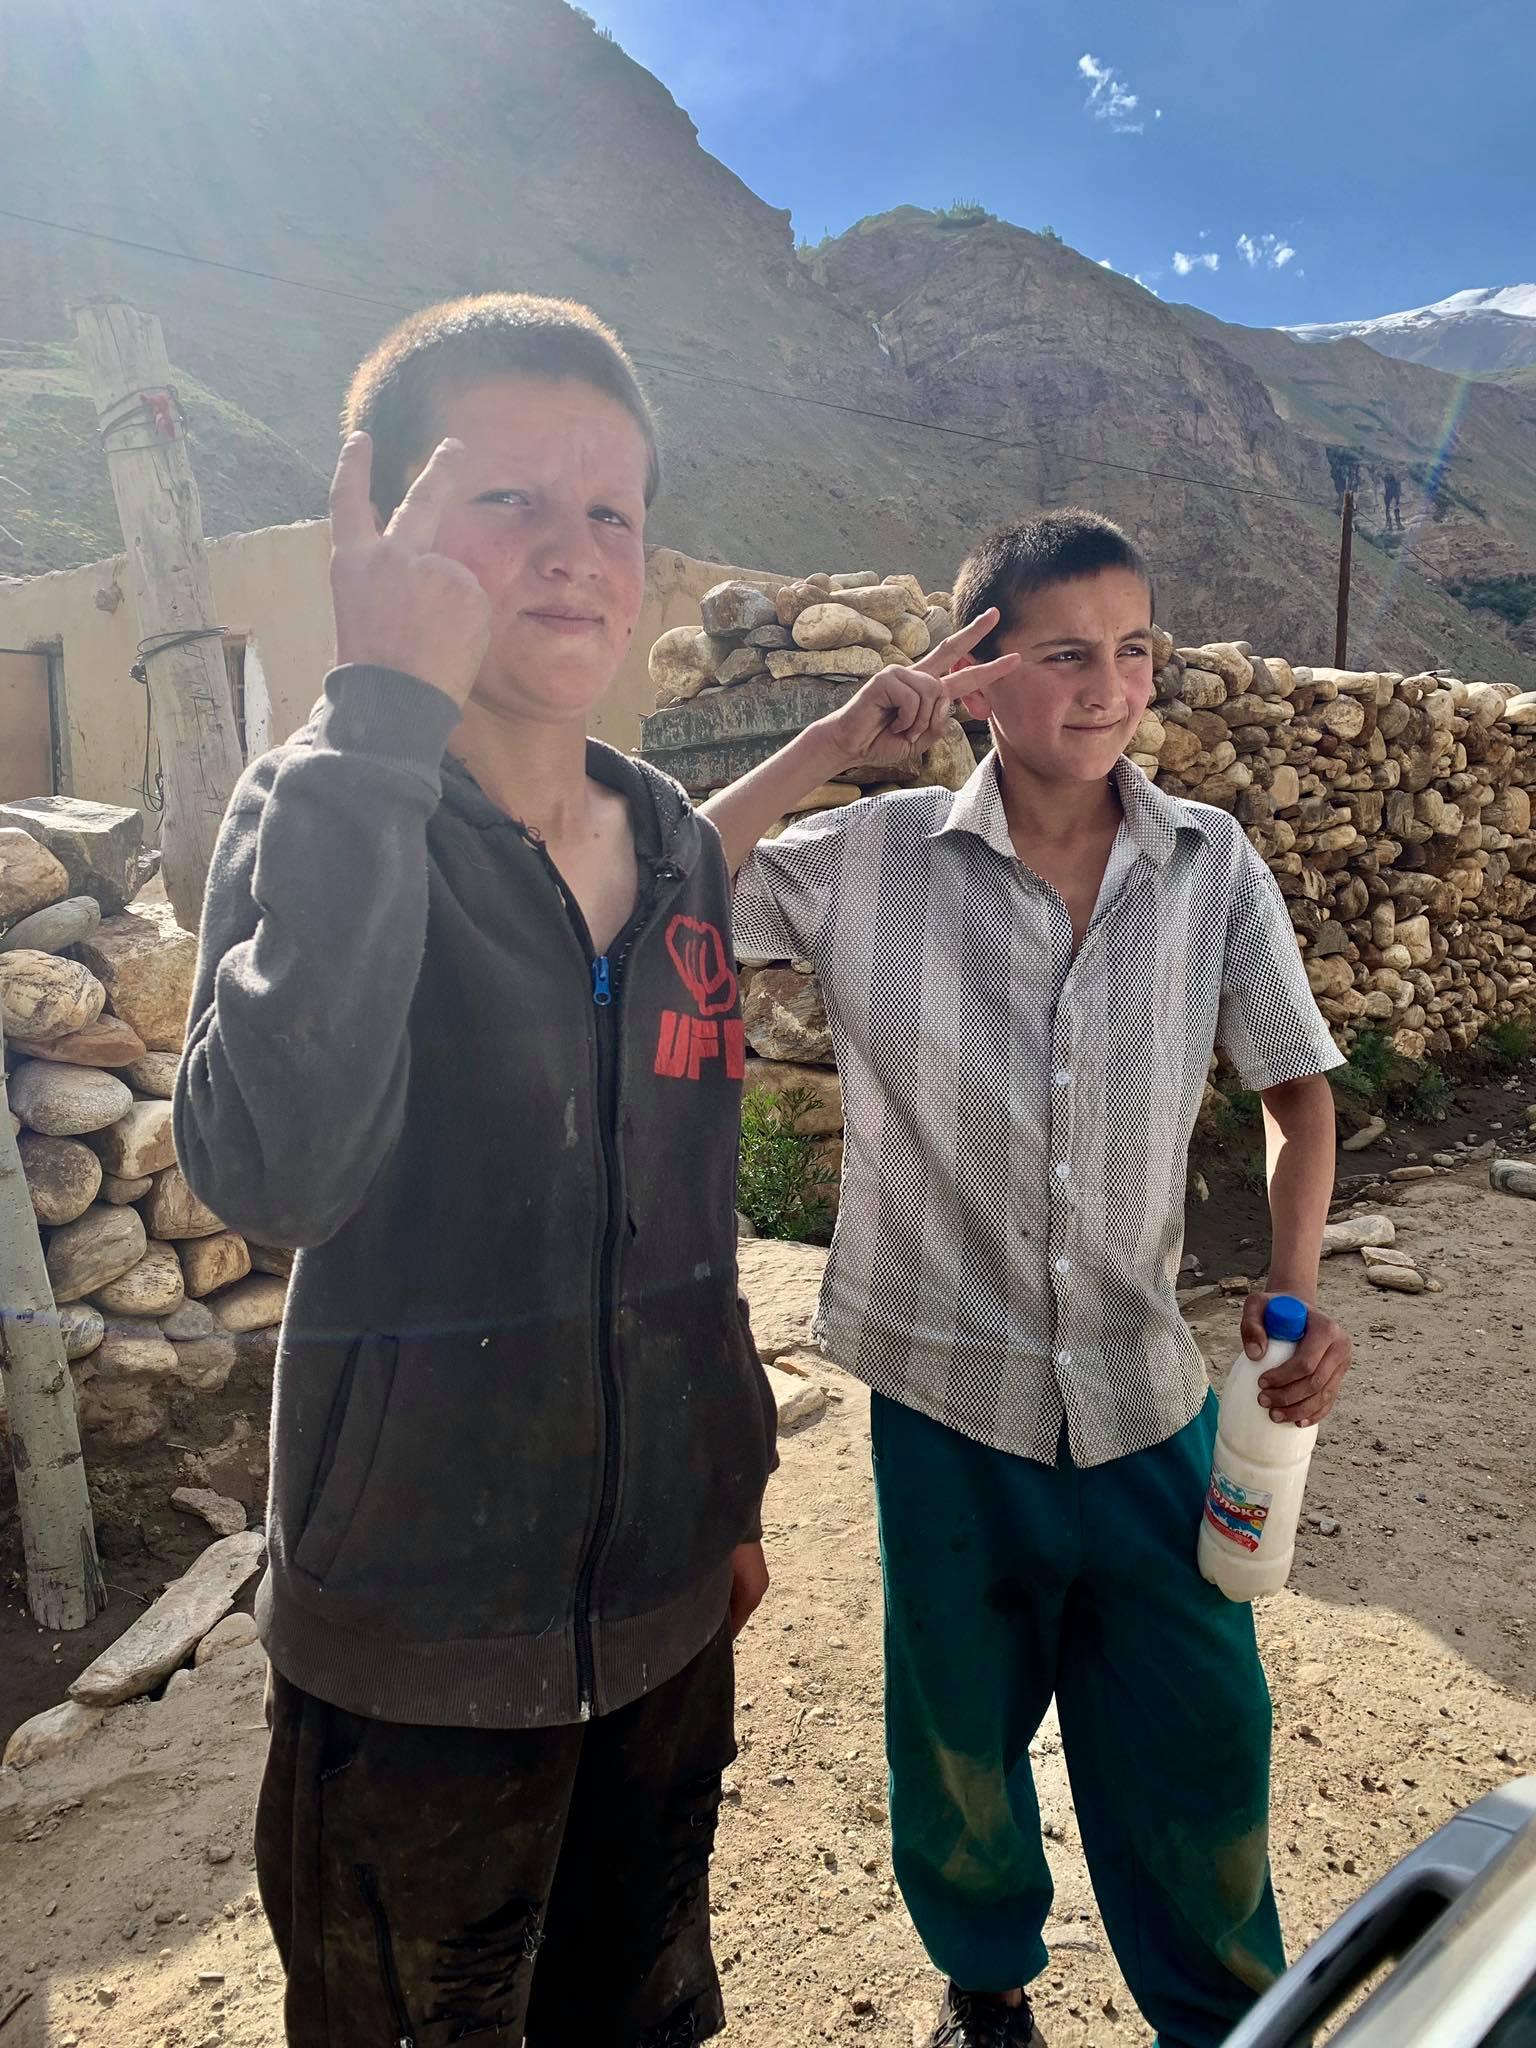 Kach Solo Travels in 2019 Pamir Highway Trip in Tajikistan39.jpg